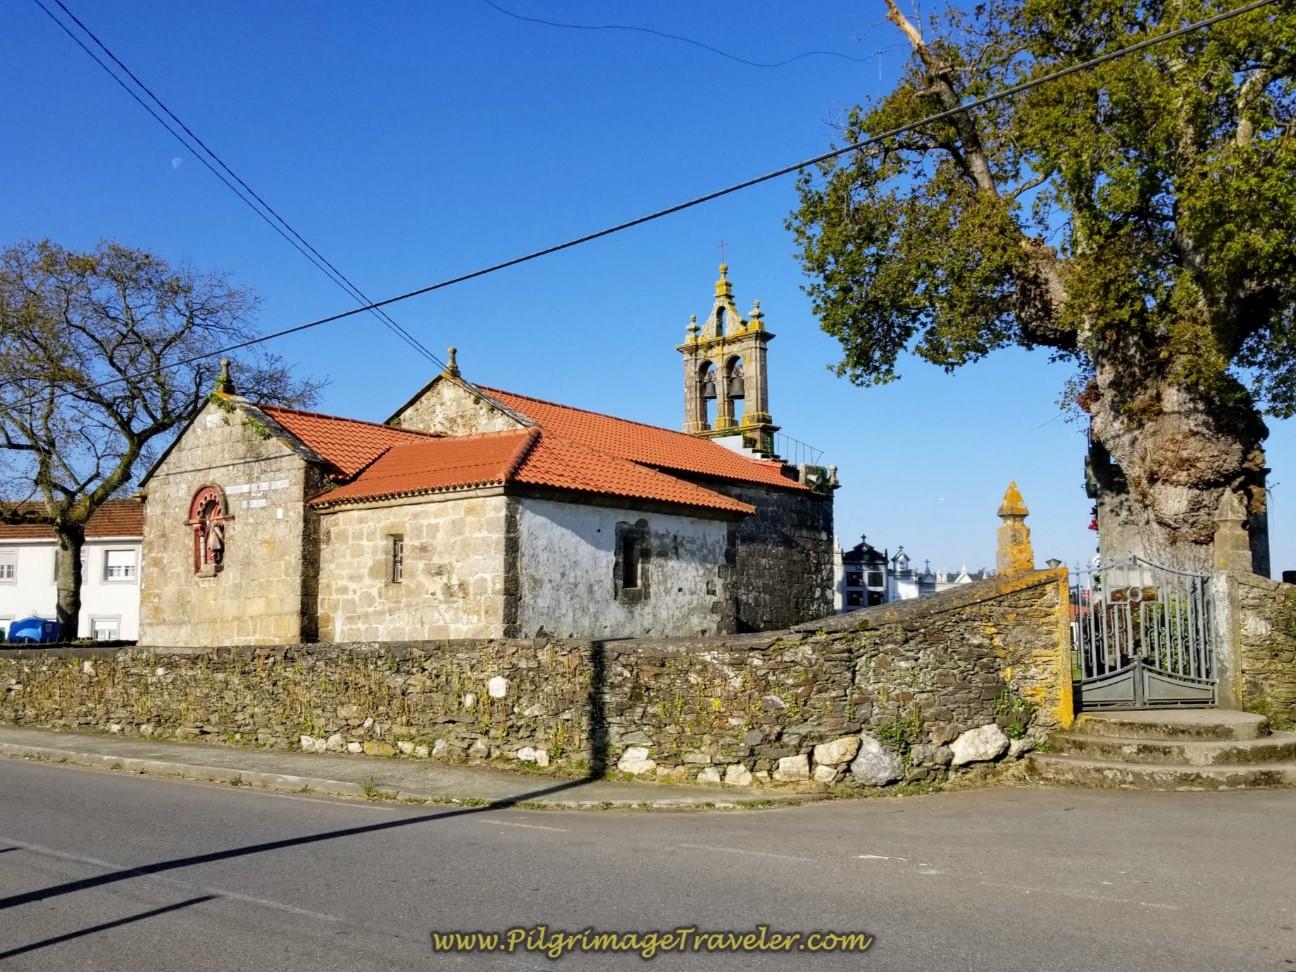 Igrexa de San Paio de Buscas in A Rúa on day seven of the Camino Inglés